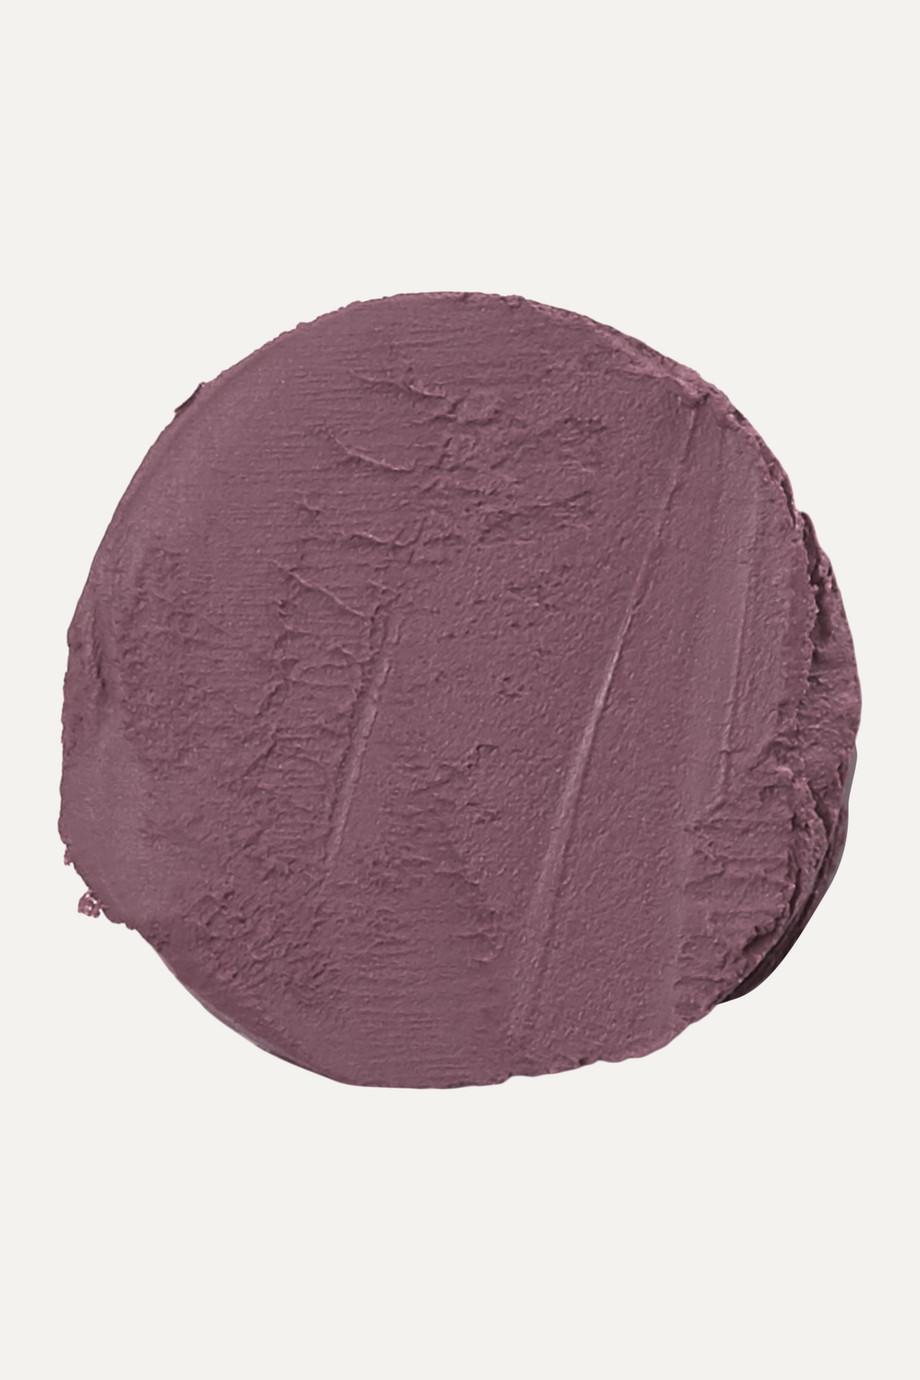 Huda Beauty Power Bullet Matte Lipstick - Dirty Thirty